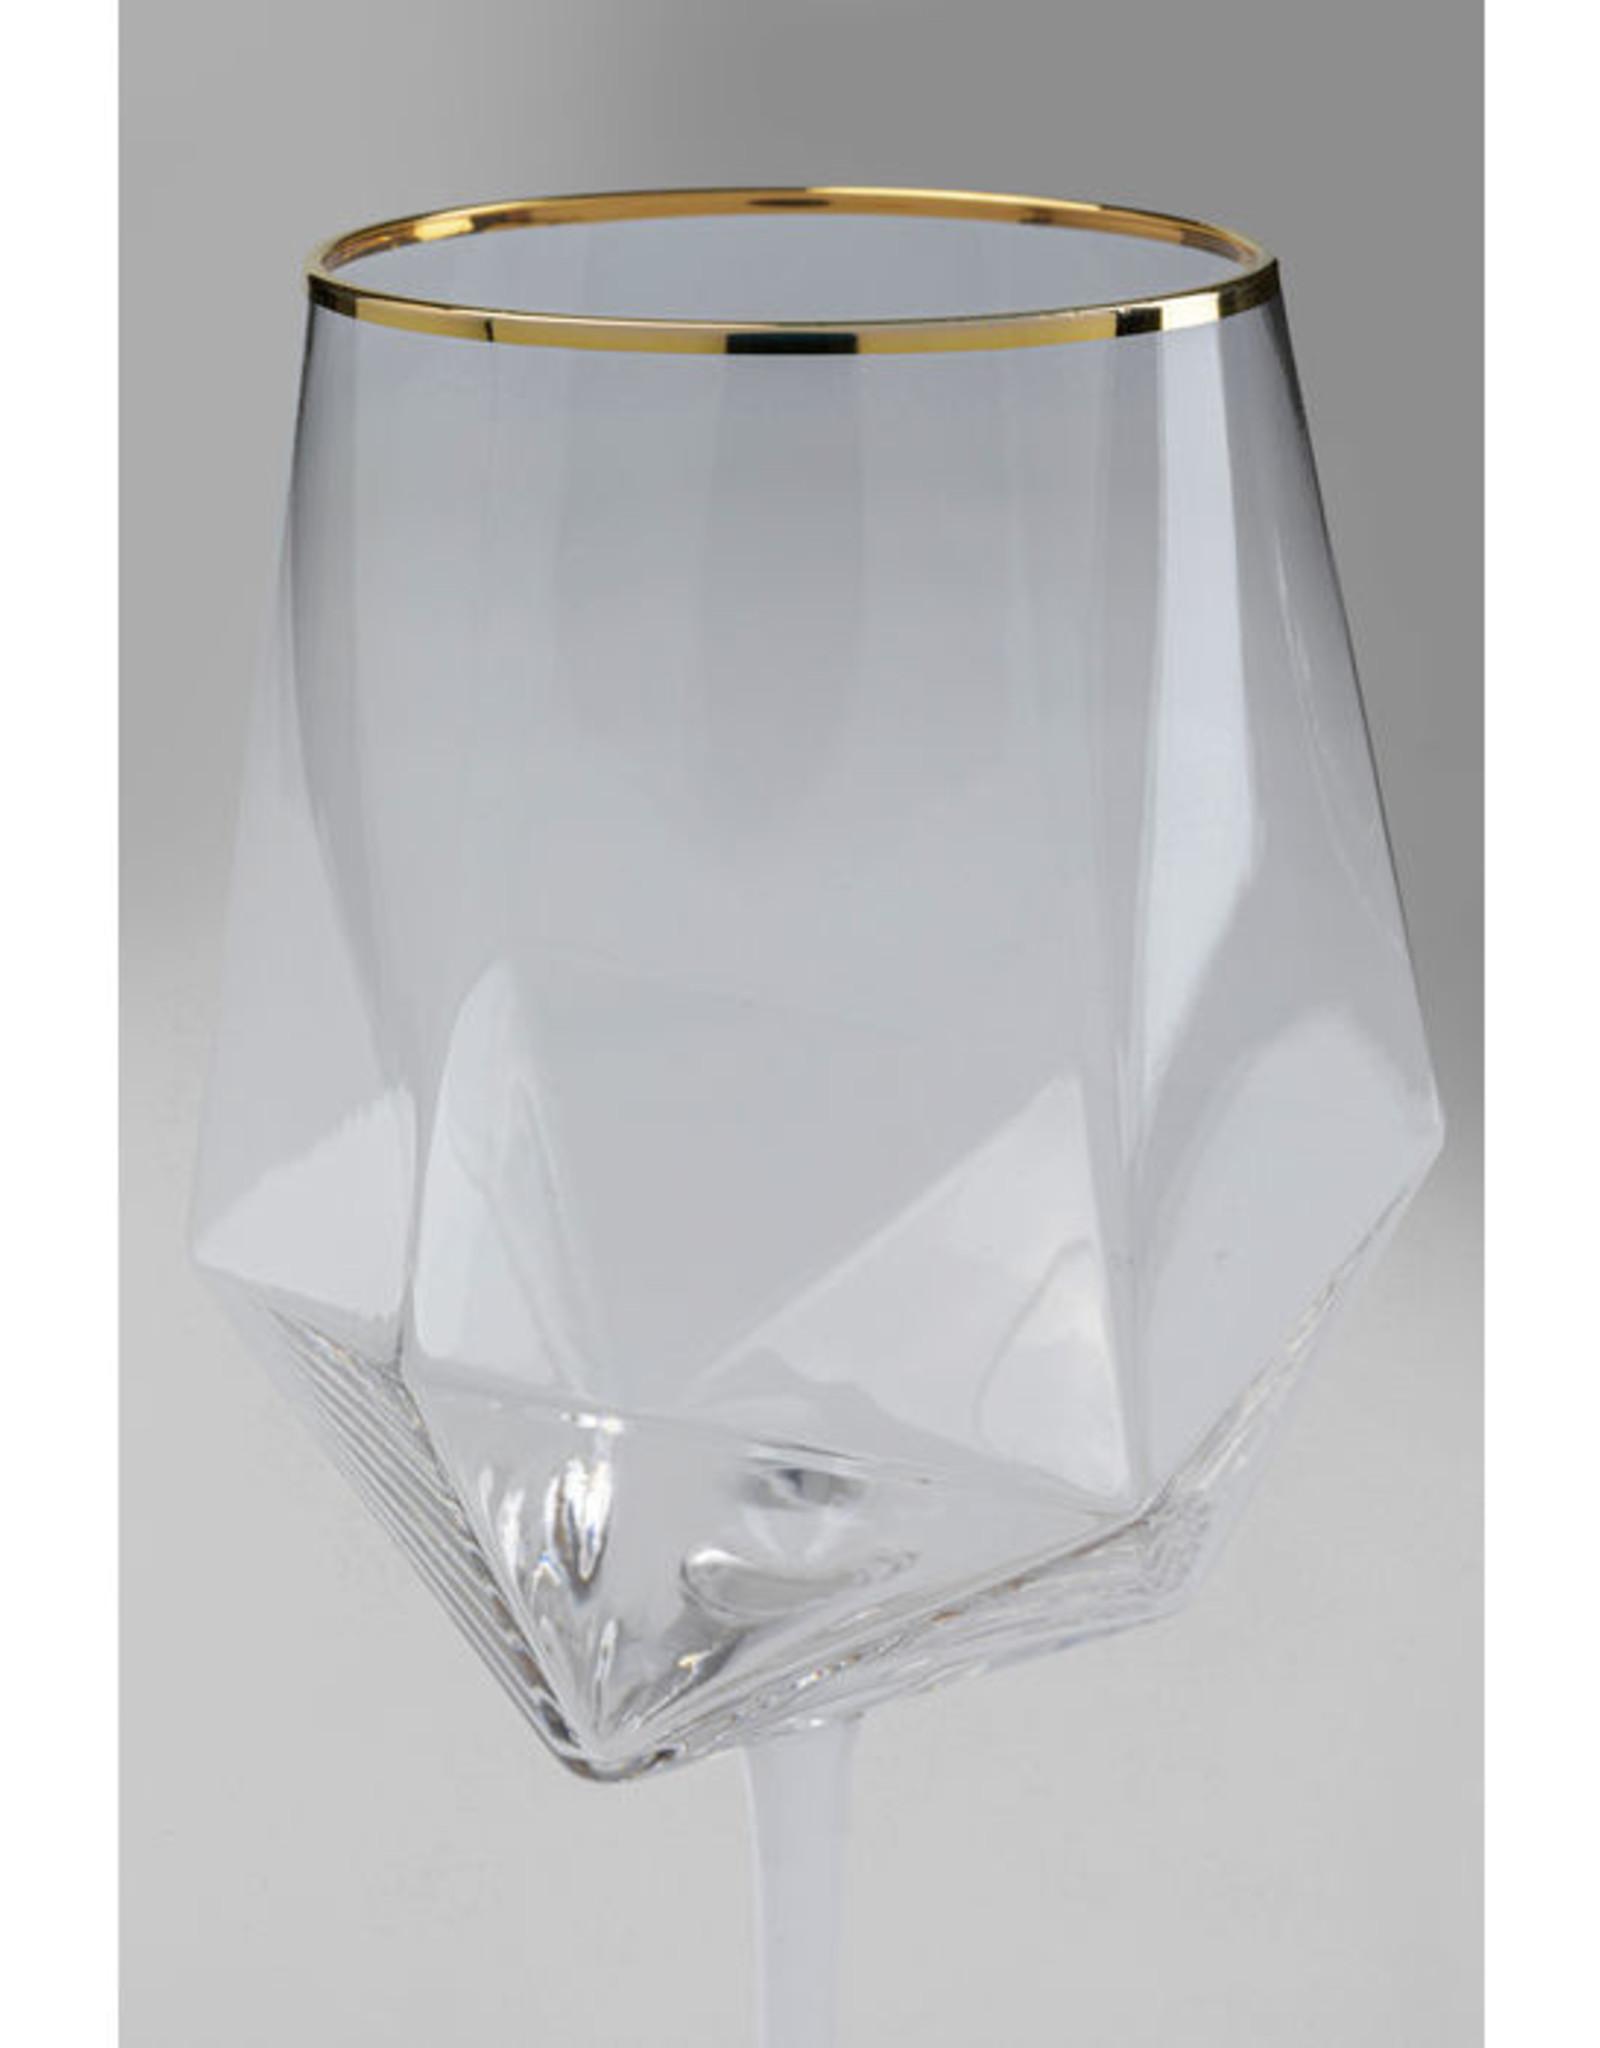 KARE DESIGN Wine Glass Diamond Gold Rim